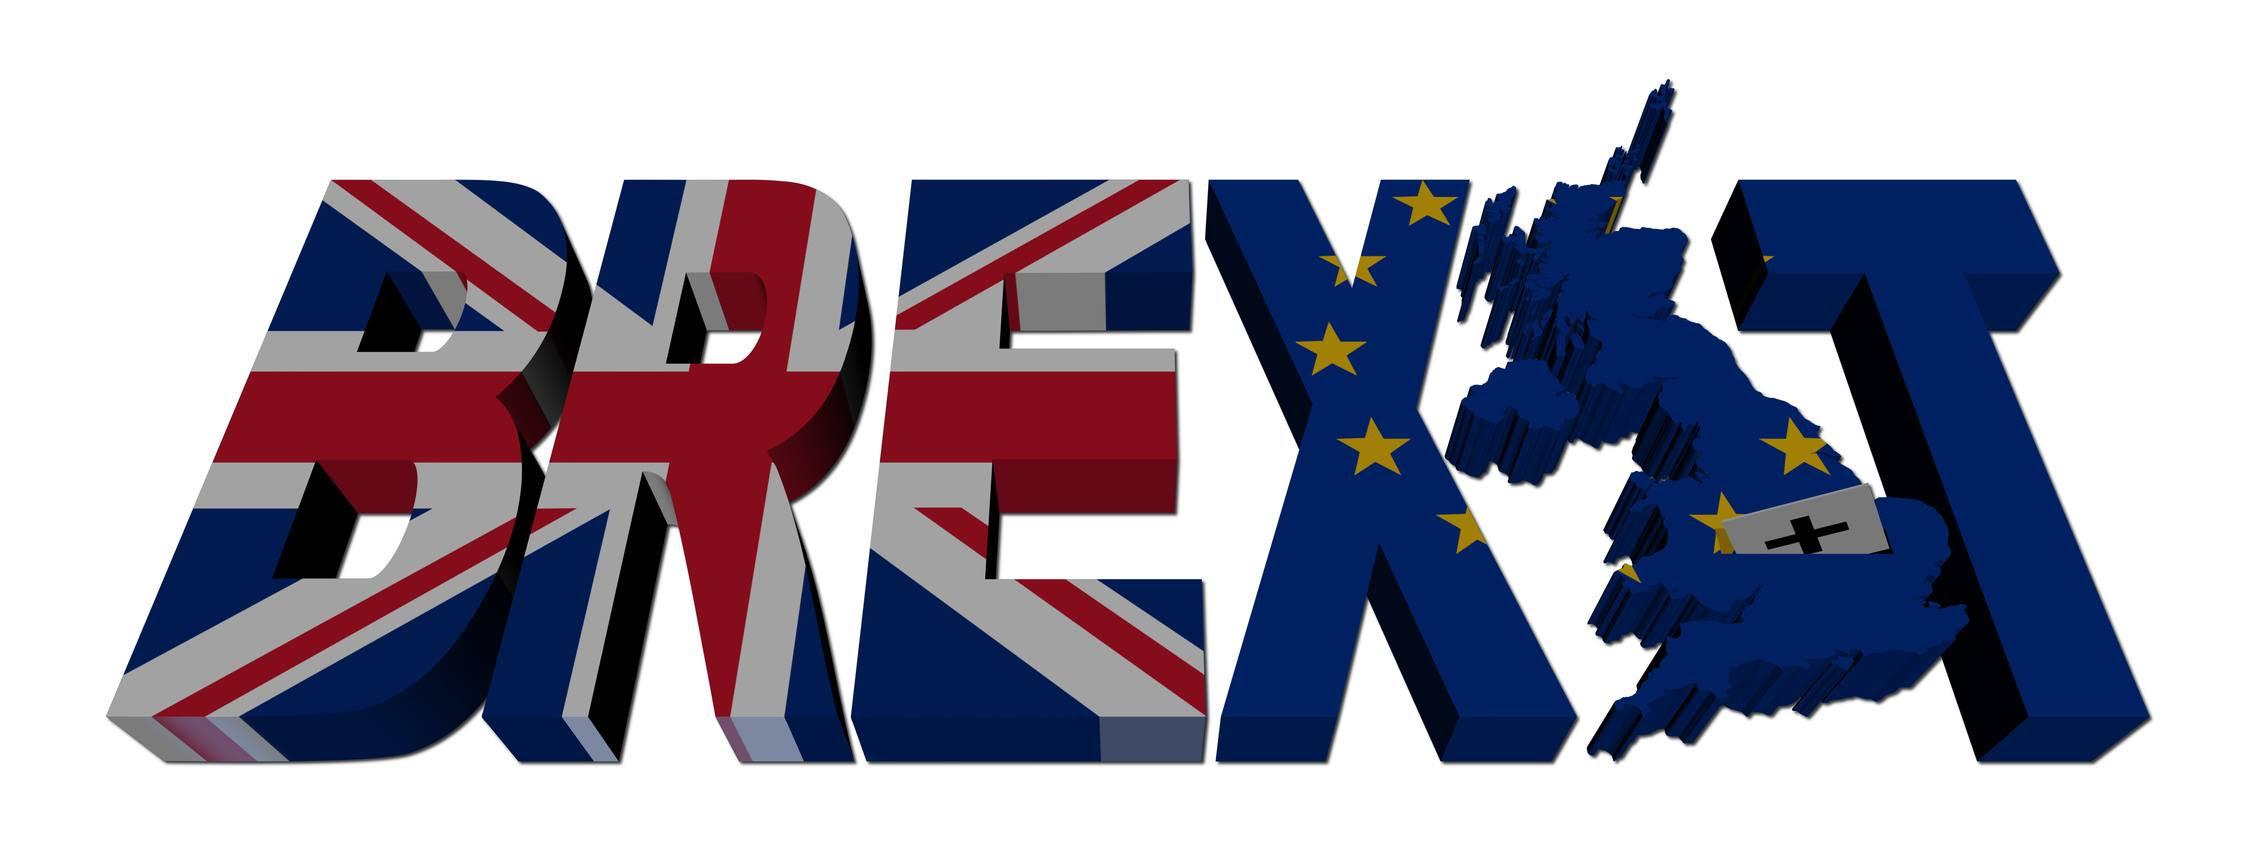 Ἡ τρομοκρατία στὴν Βρεταννία κορυφώνεται...